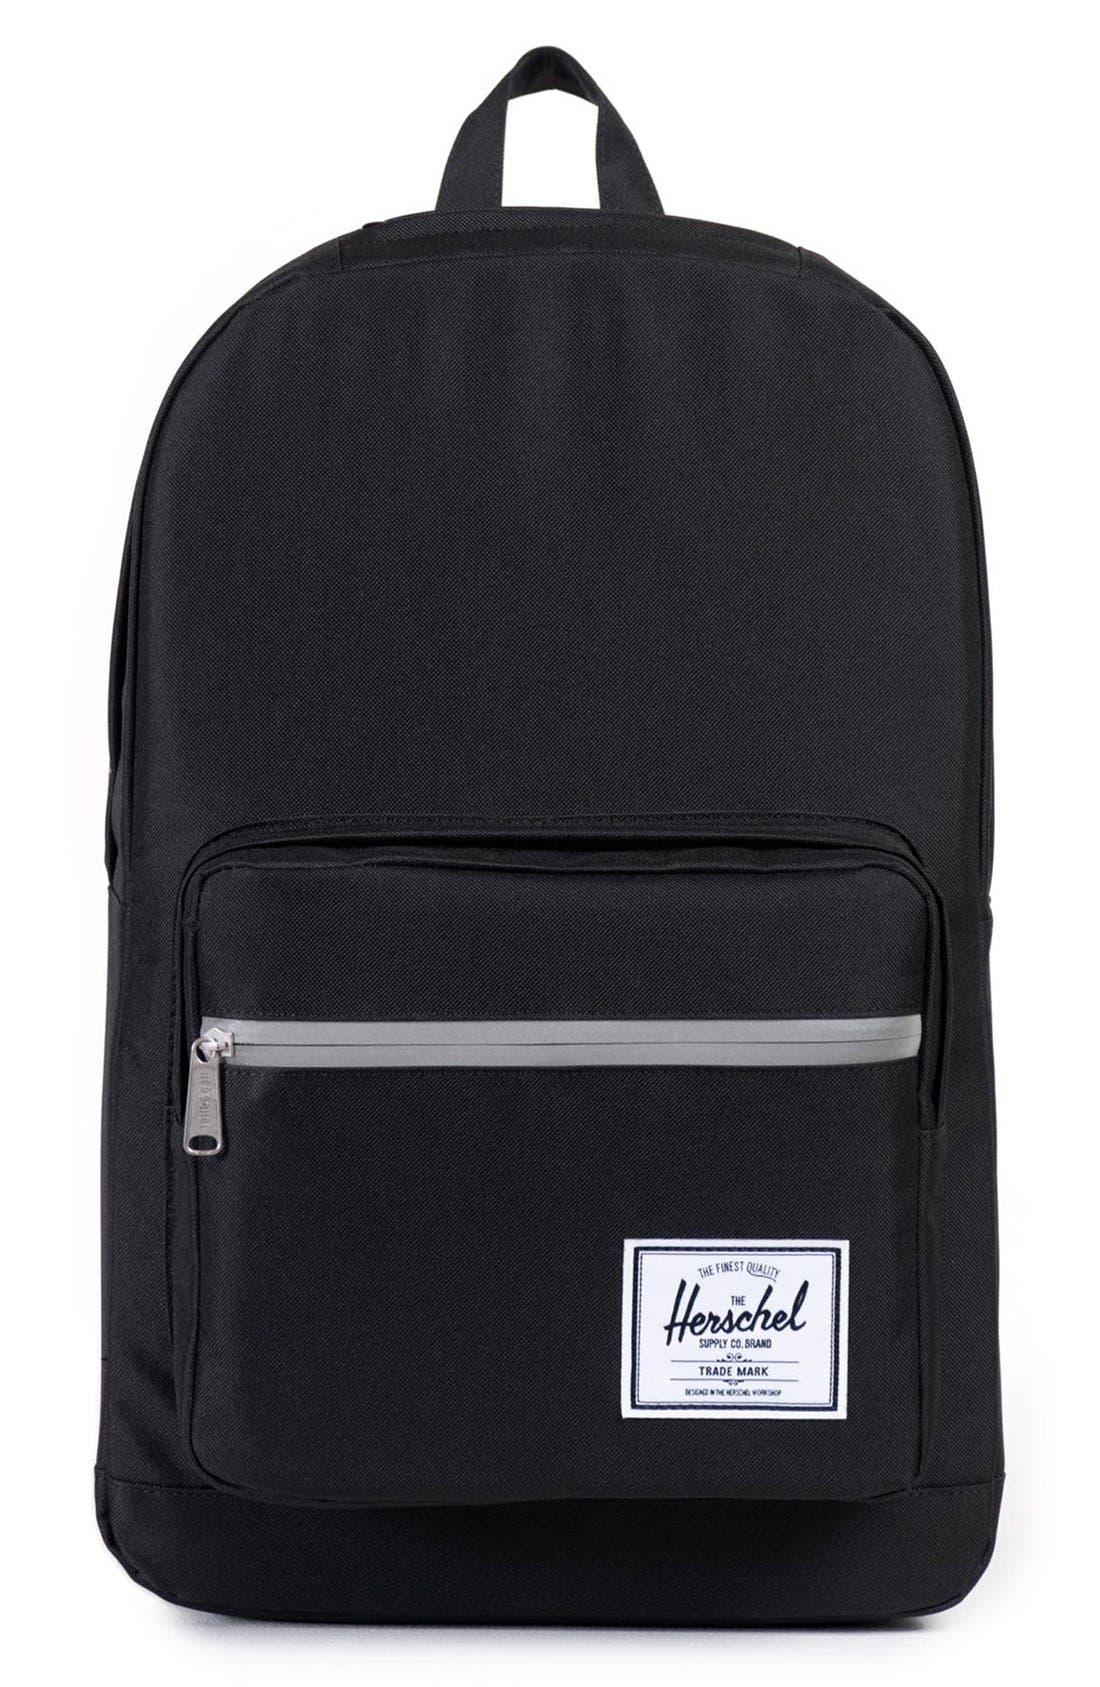 'Pop Quiz' Backpack,                         Main,                         color, Black/ 3M